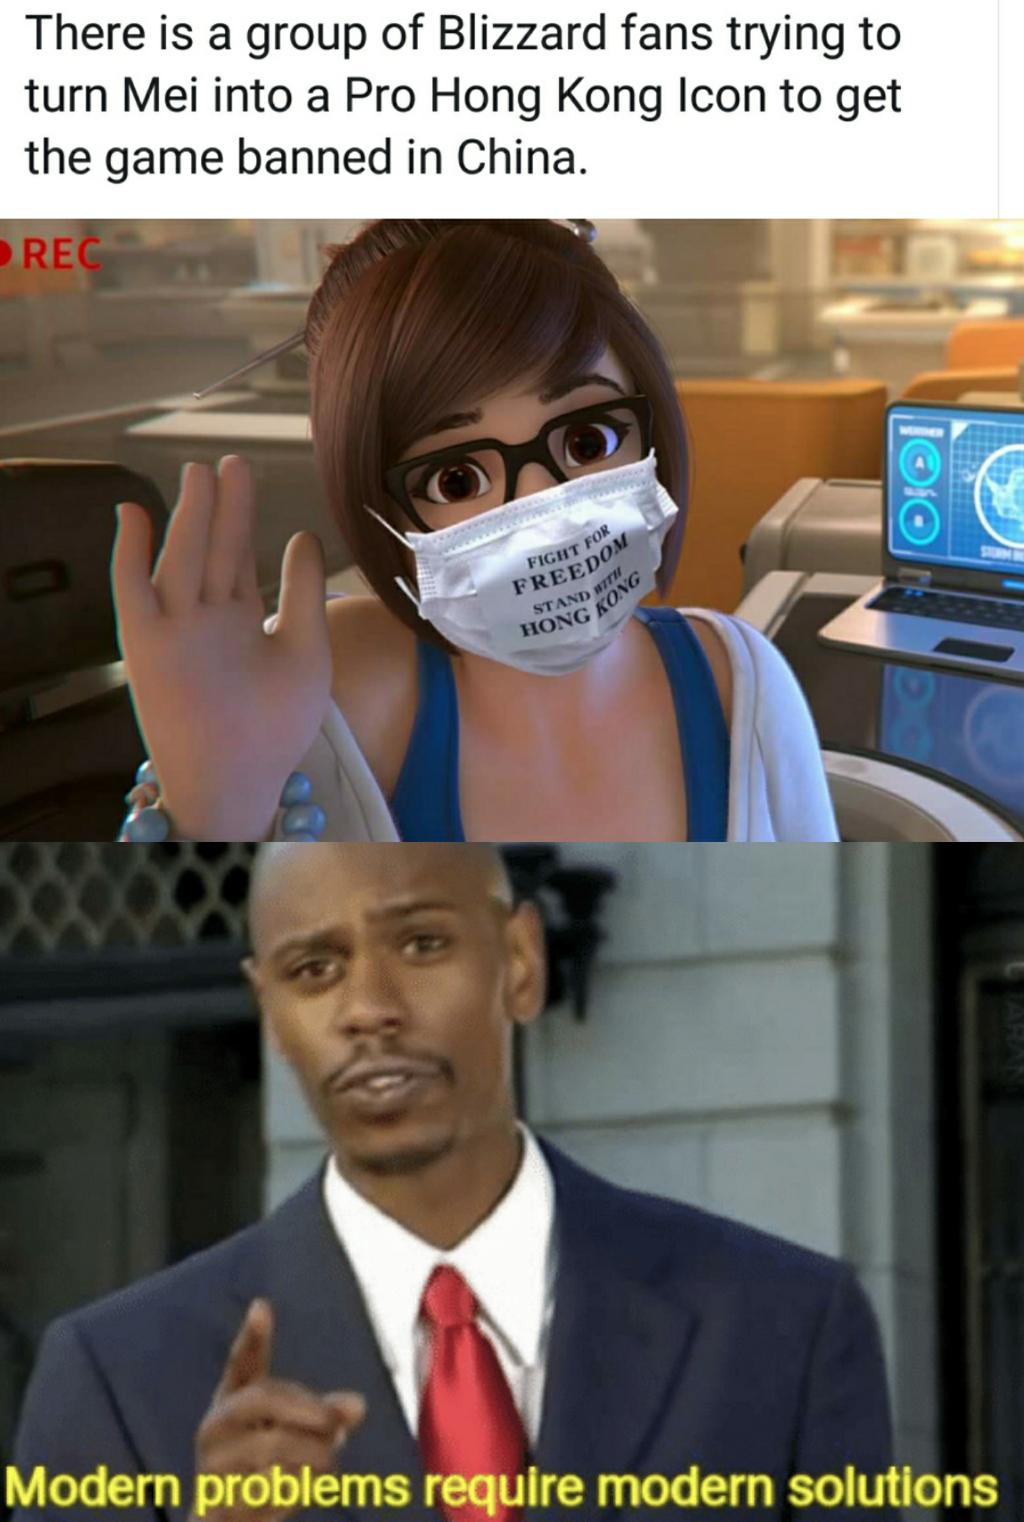 Hey Blizzard, I heard you like China's money ?